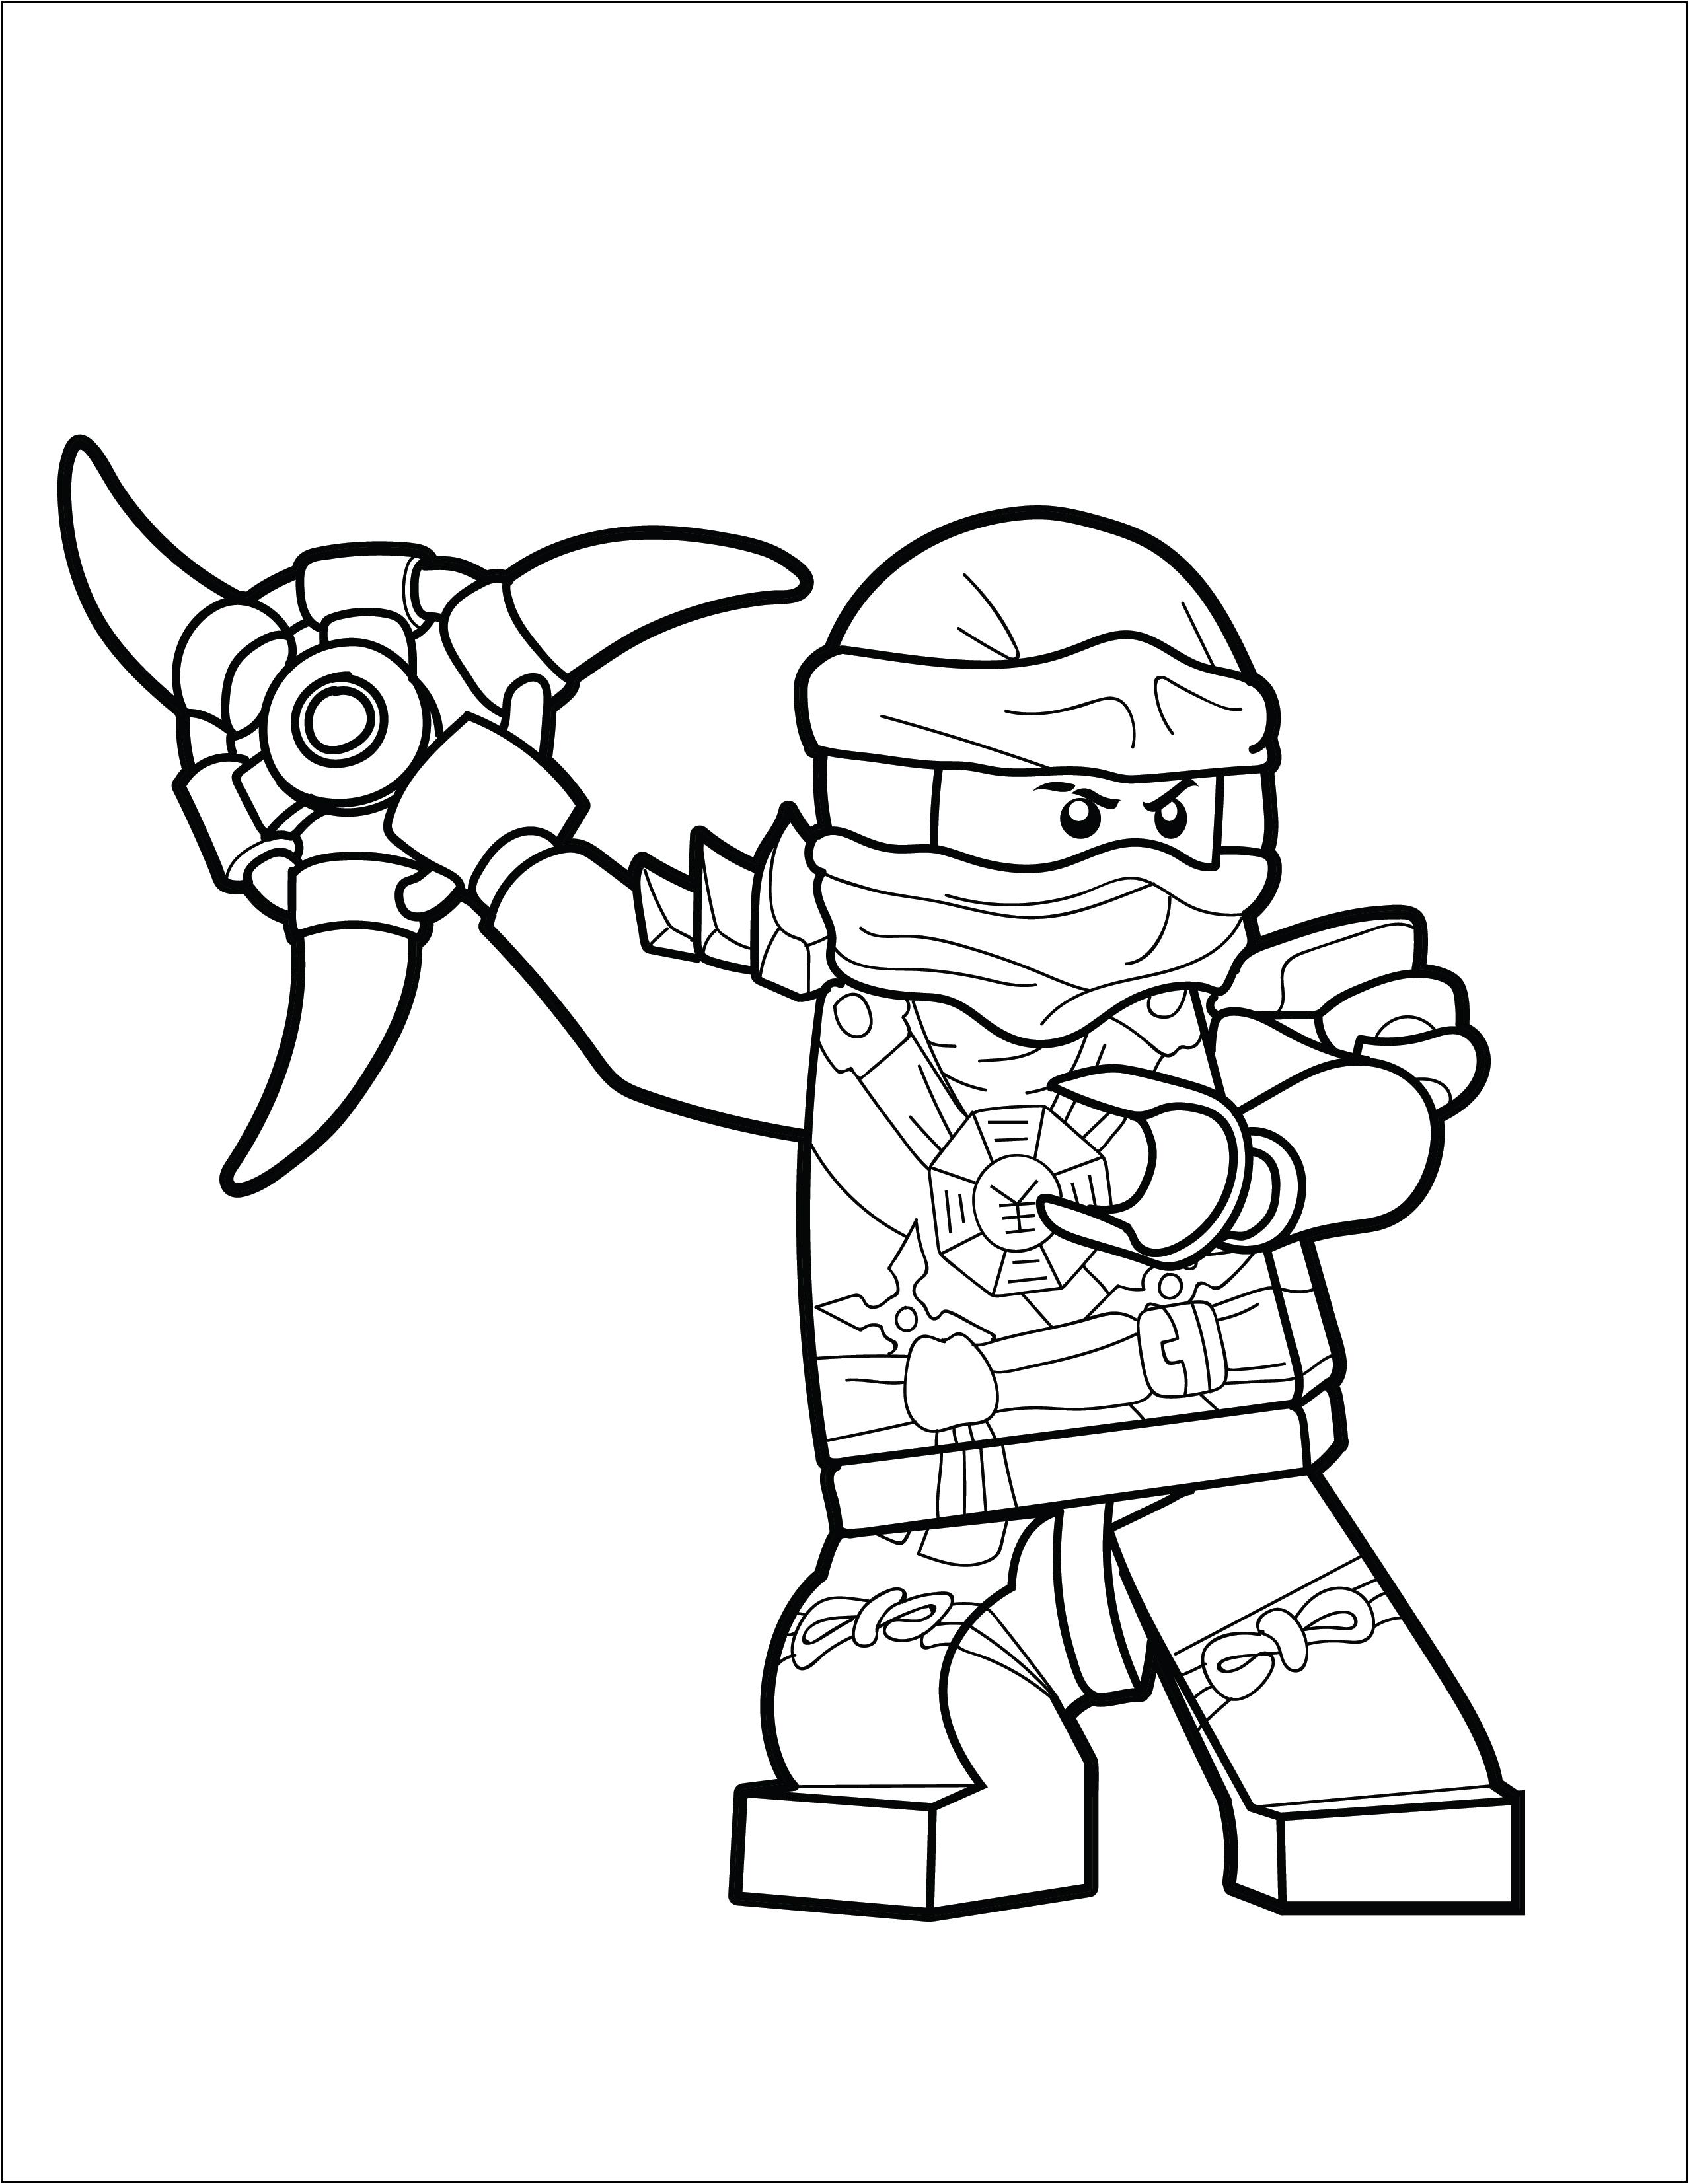 lego ninjago coloring page - jay